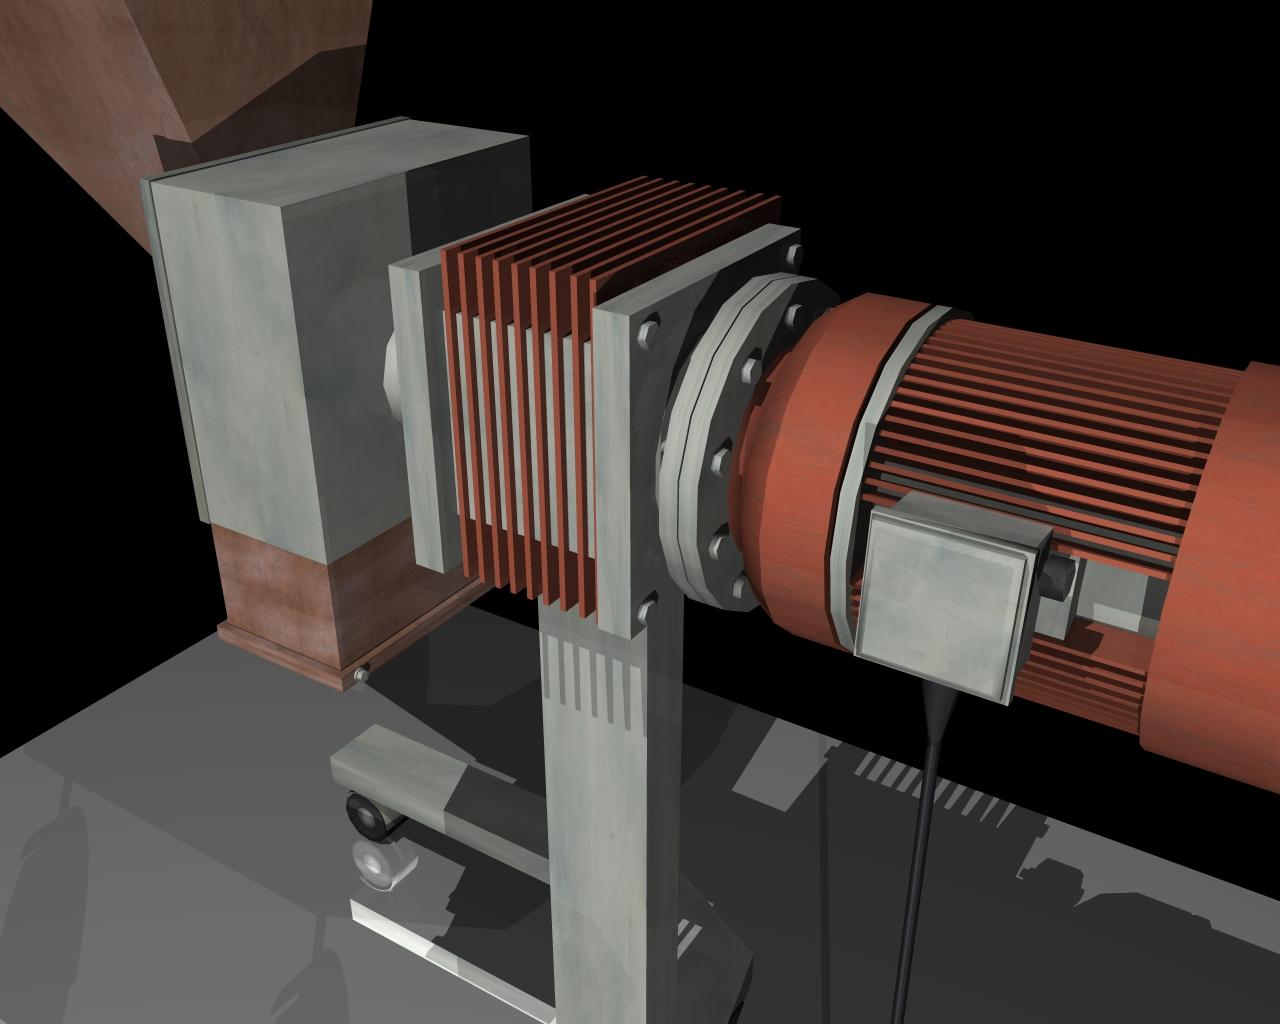 grind machine 3d model 3ds 164266